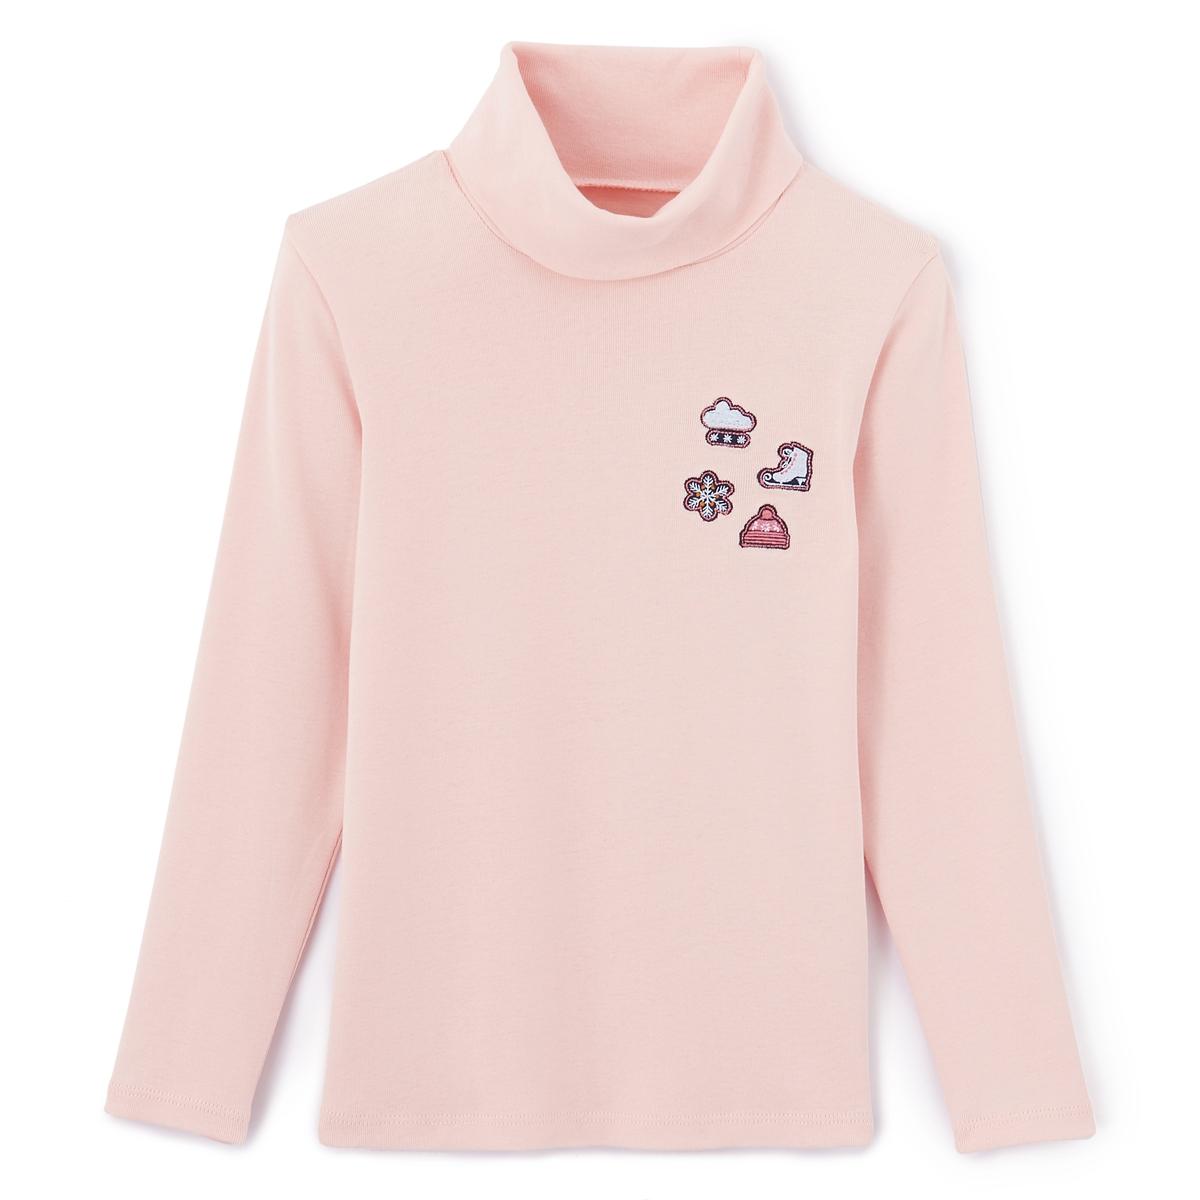 Пуловер тонкий с нашивками 3-12 лет